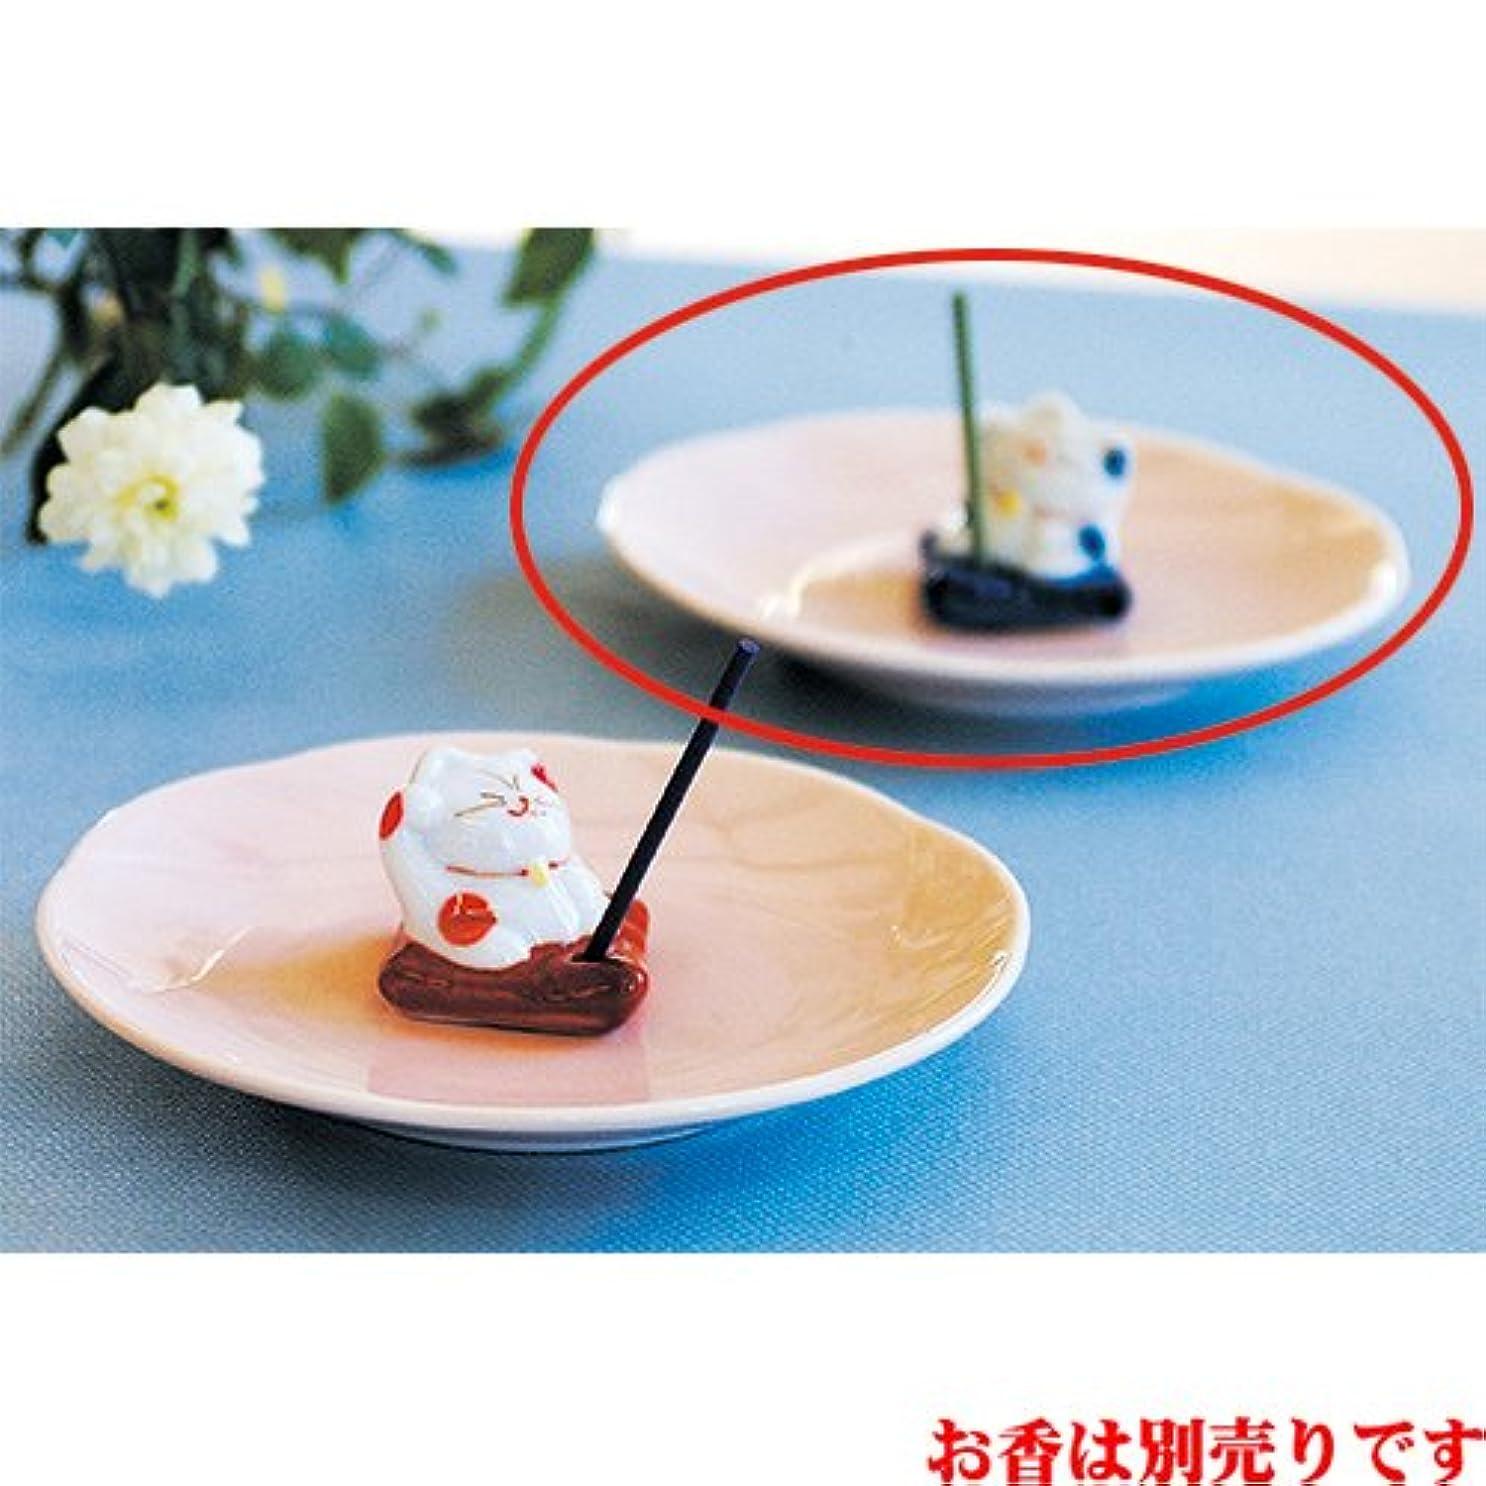 暗殺者欠如成長する香皿 ザブトンネコ 香皿 ブルー [R12.5xH4cm] プレゼント ギフト 和食器 かわいい インテリア